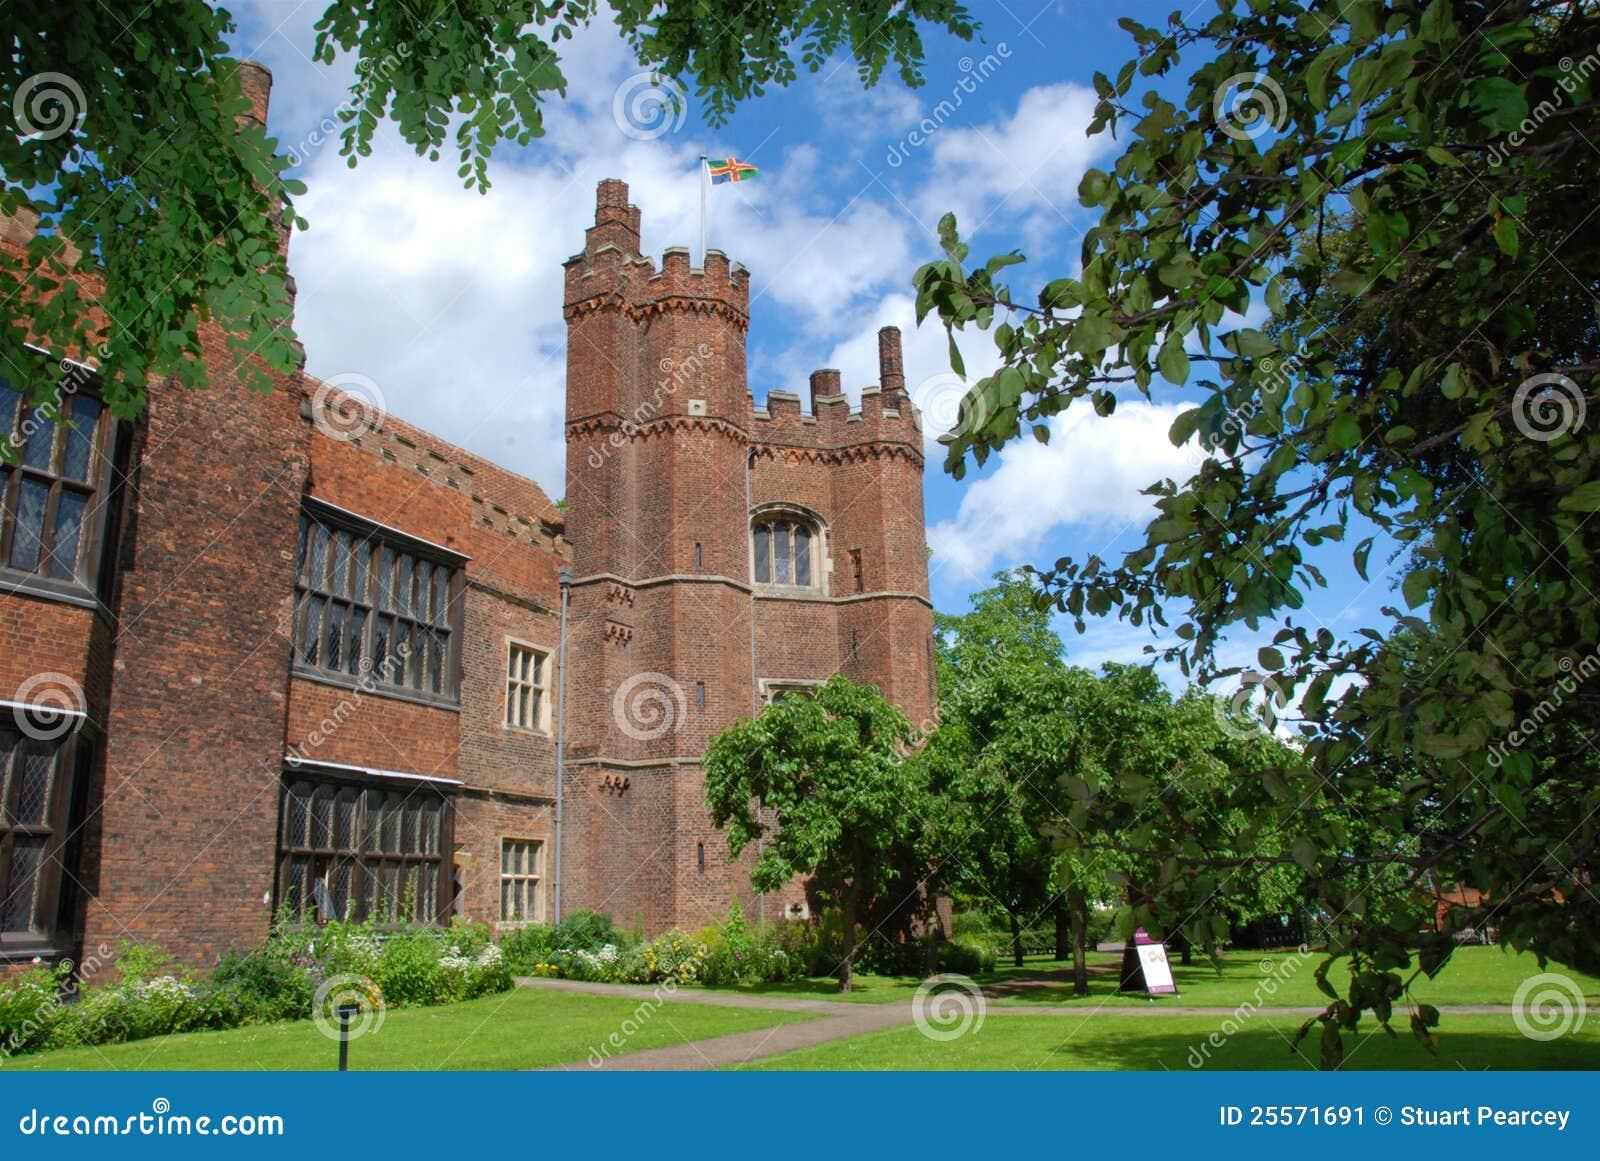 Casa de señorío medieval